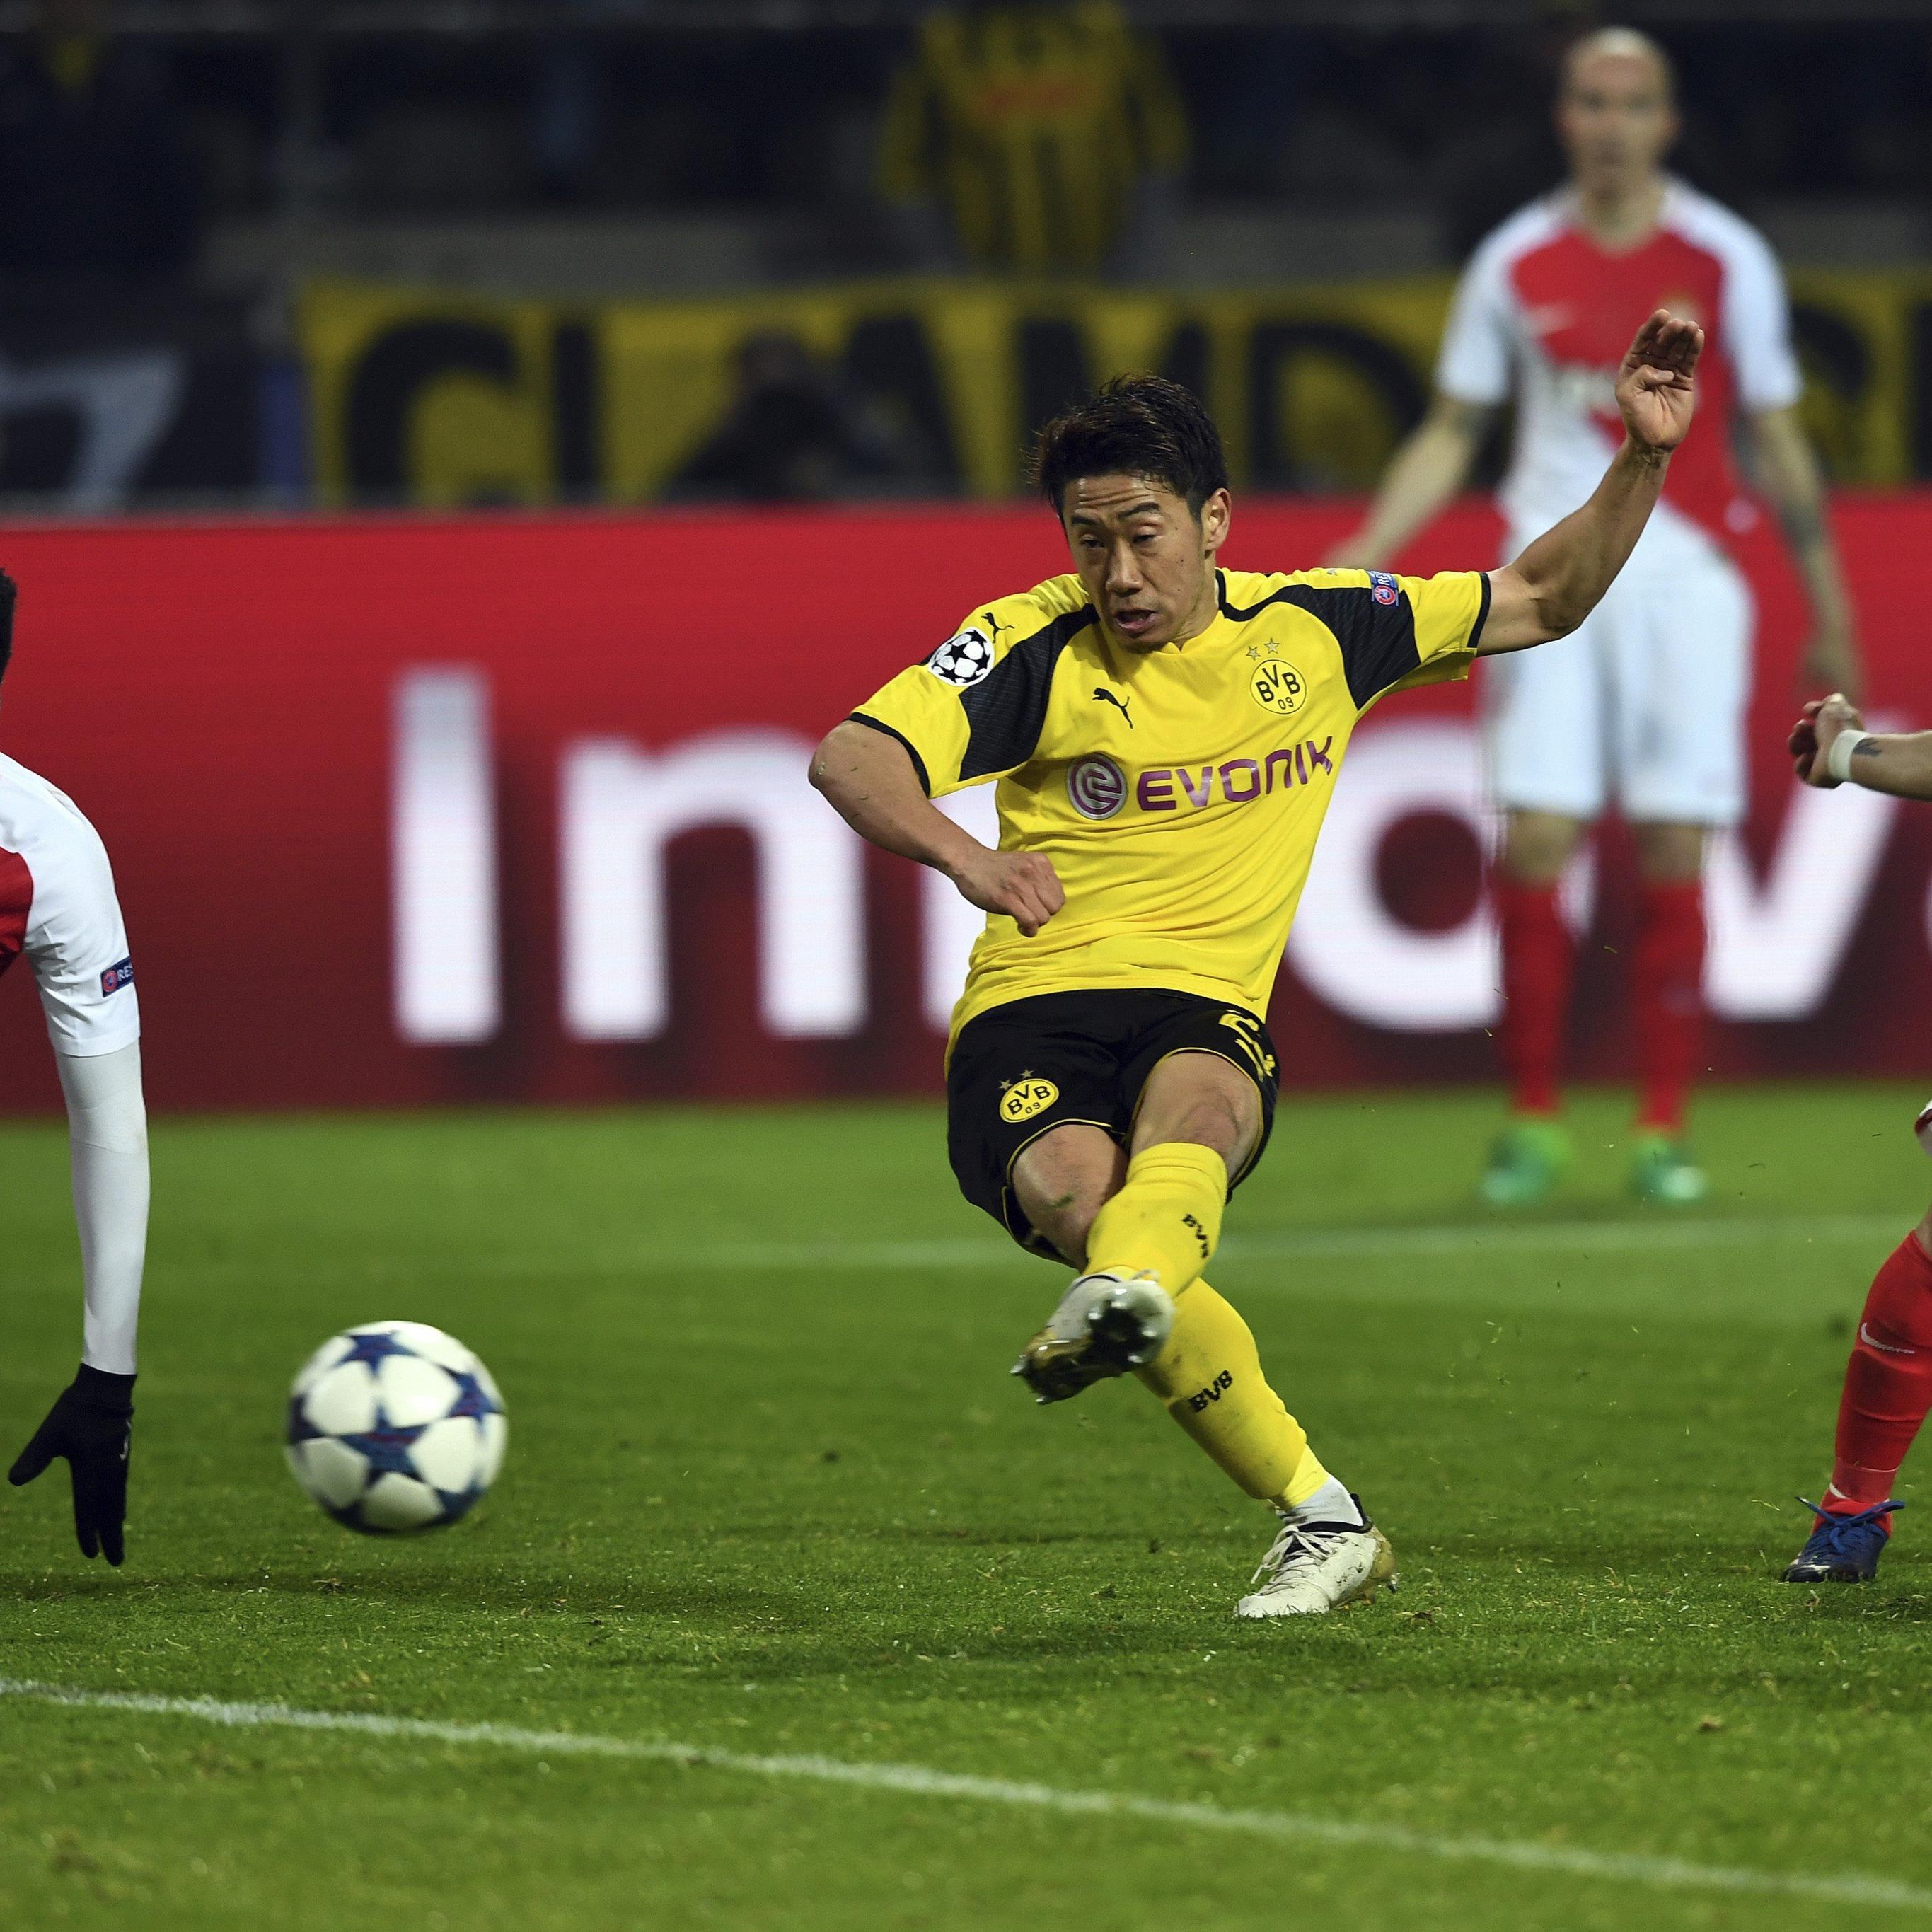 Borussia Dortmund versucht in Monaco, den 2:3-Rückstand aus dem Hinspiel aufzuholen.